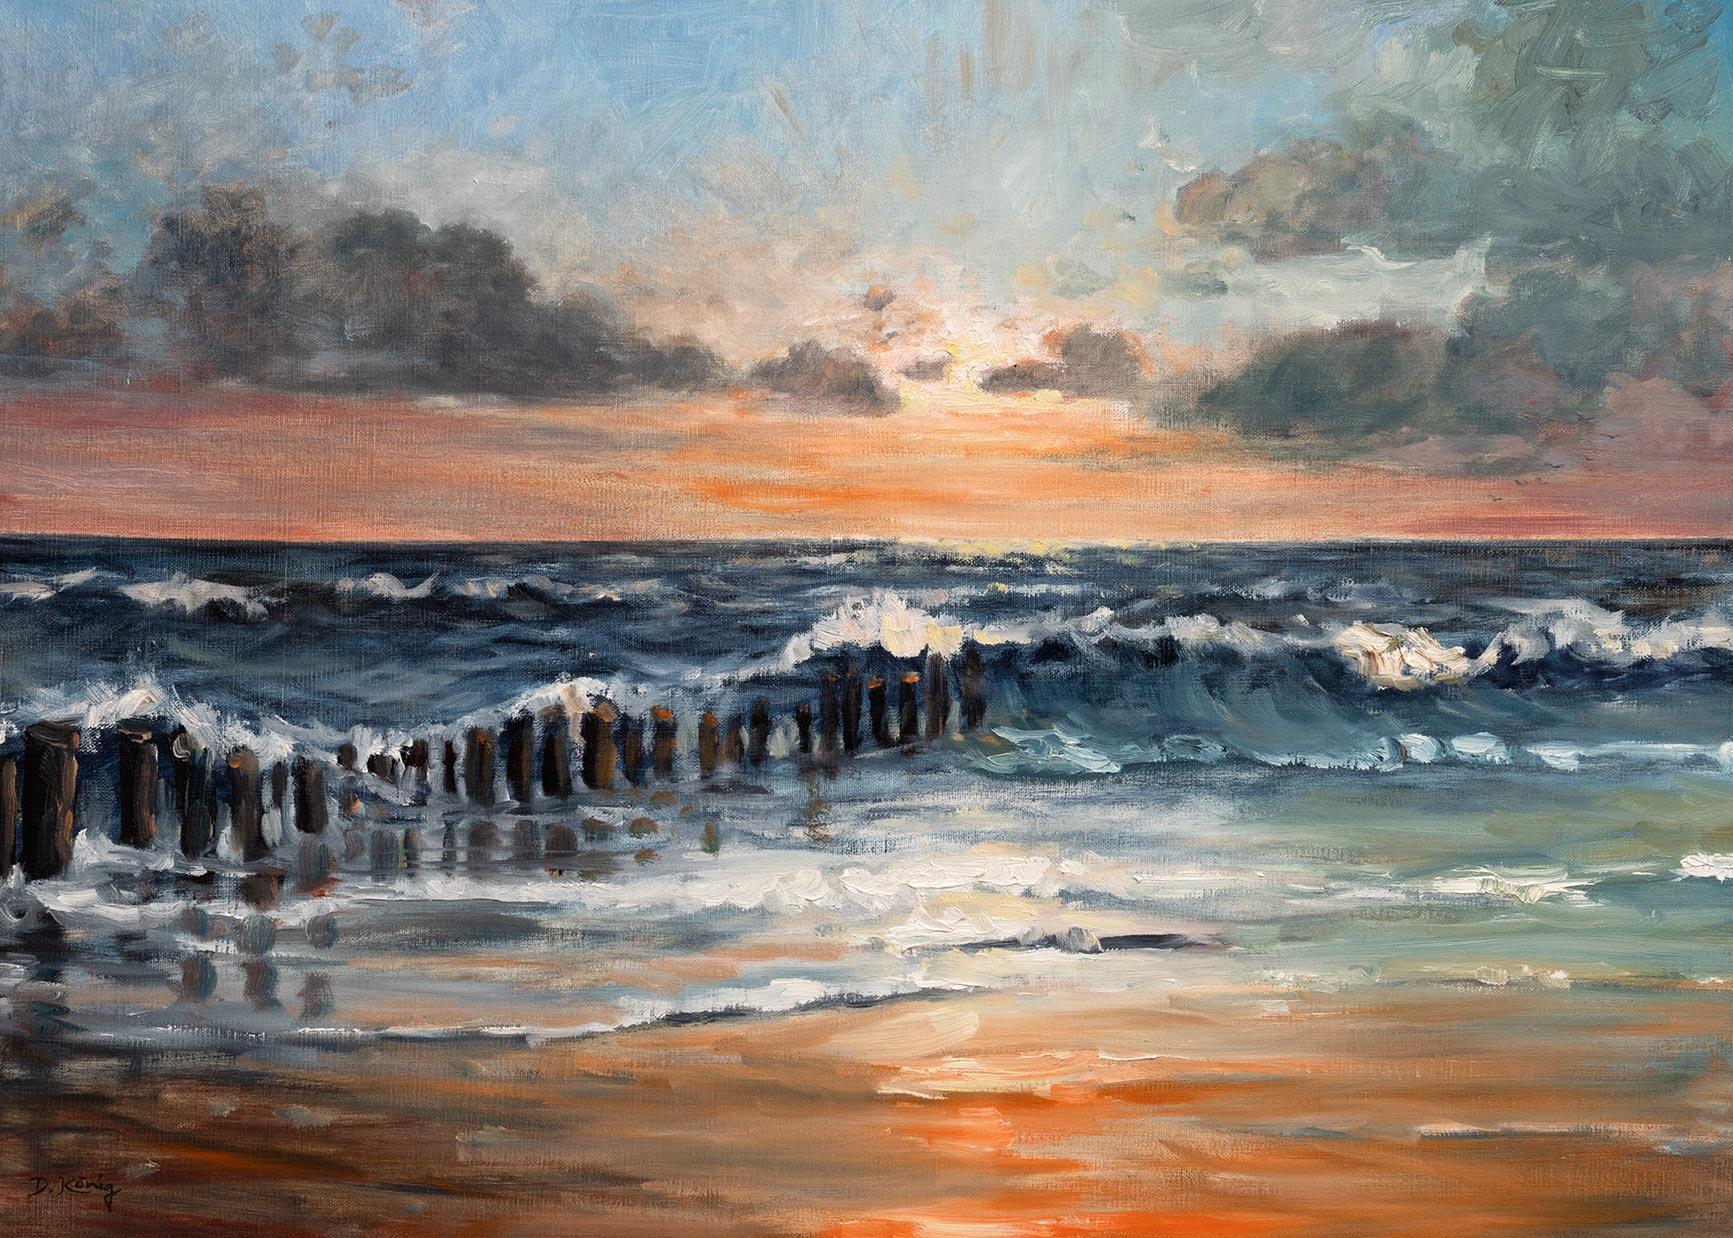 Bunen Im Sonnenuntergang - 50 X 70 Cm - Öl Auf Leinen